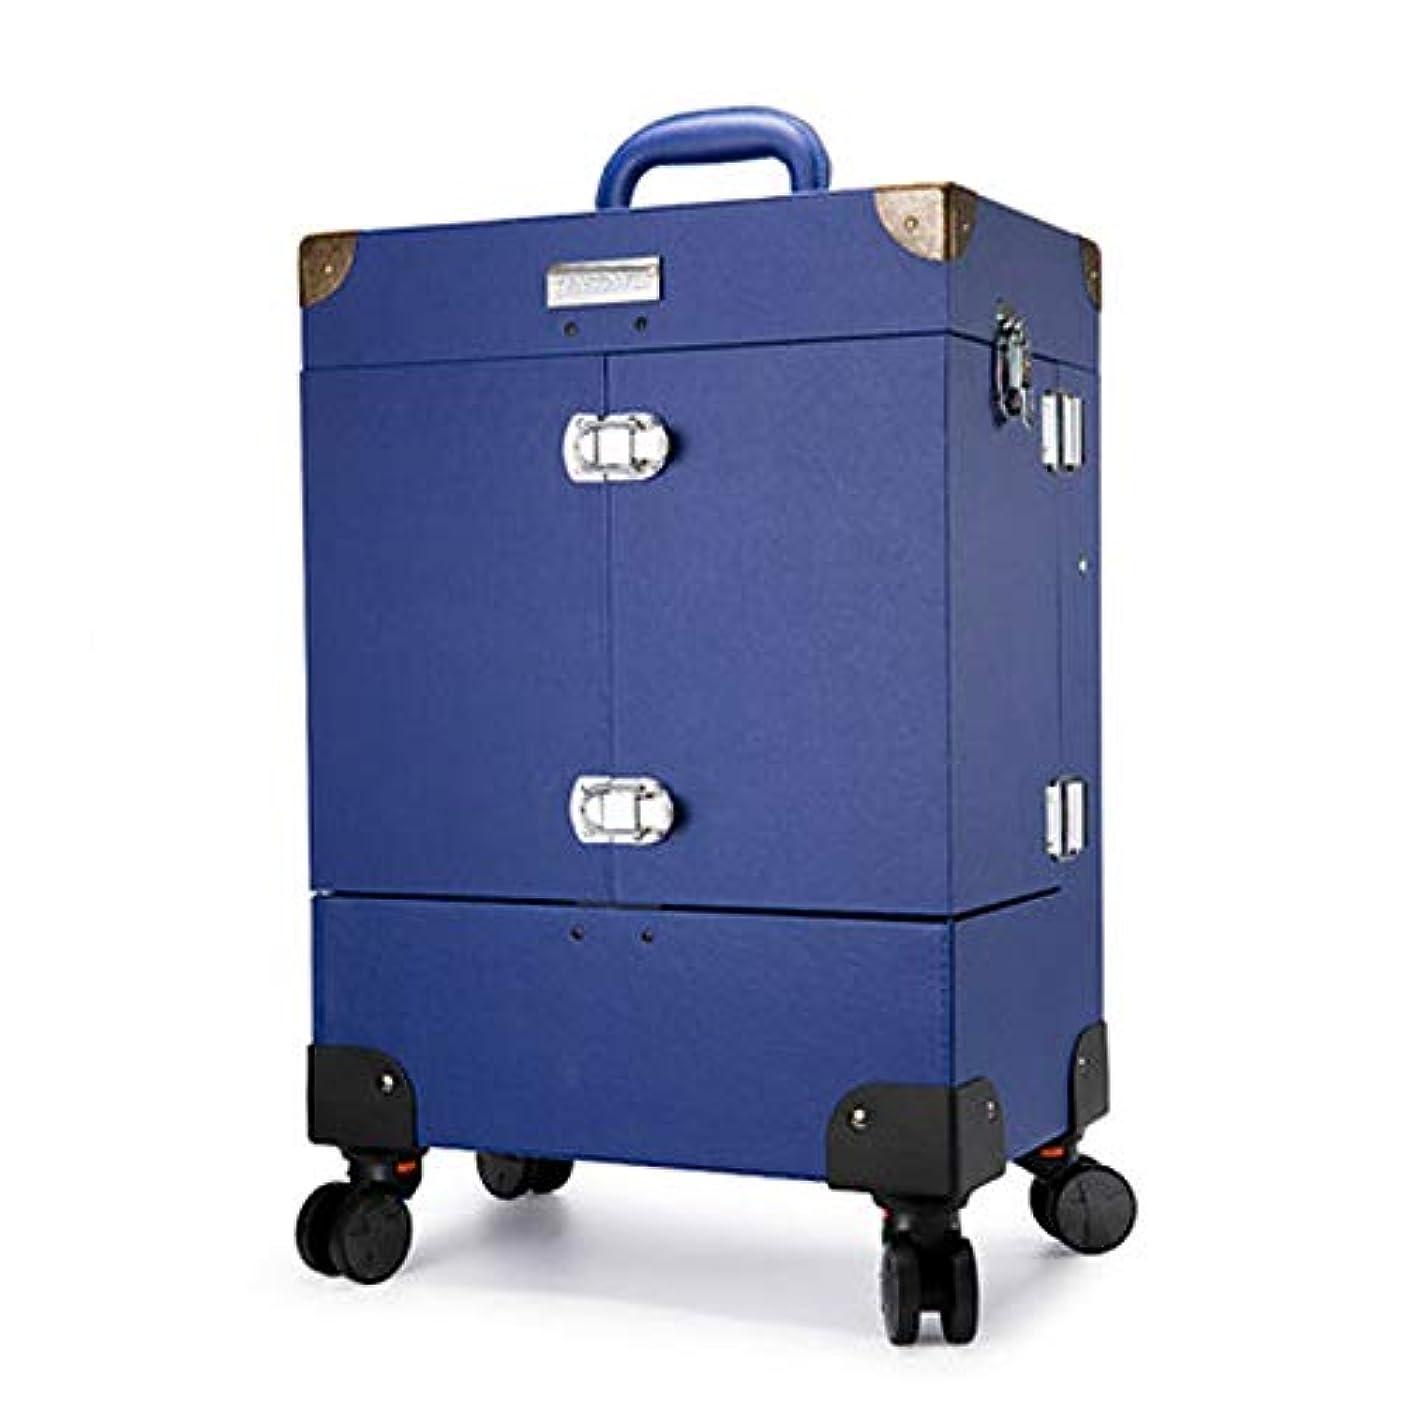 壊滅的な新しい意味会計士プロ専用 ネイリスト クローゼット スーツケース ネイル収納 メイクボックス キャリーバッグ ヘアメイク ネイル 大容量 軽量 高品質 多機能 プロ I-JL-3505T-BL